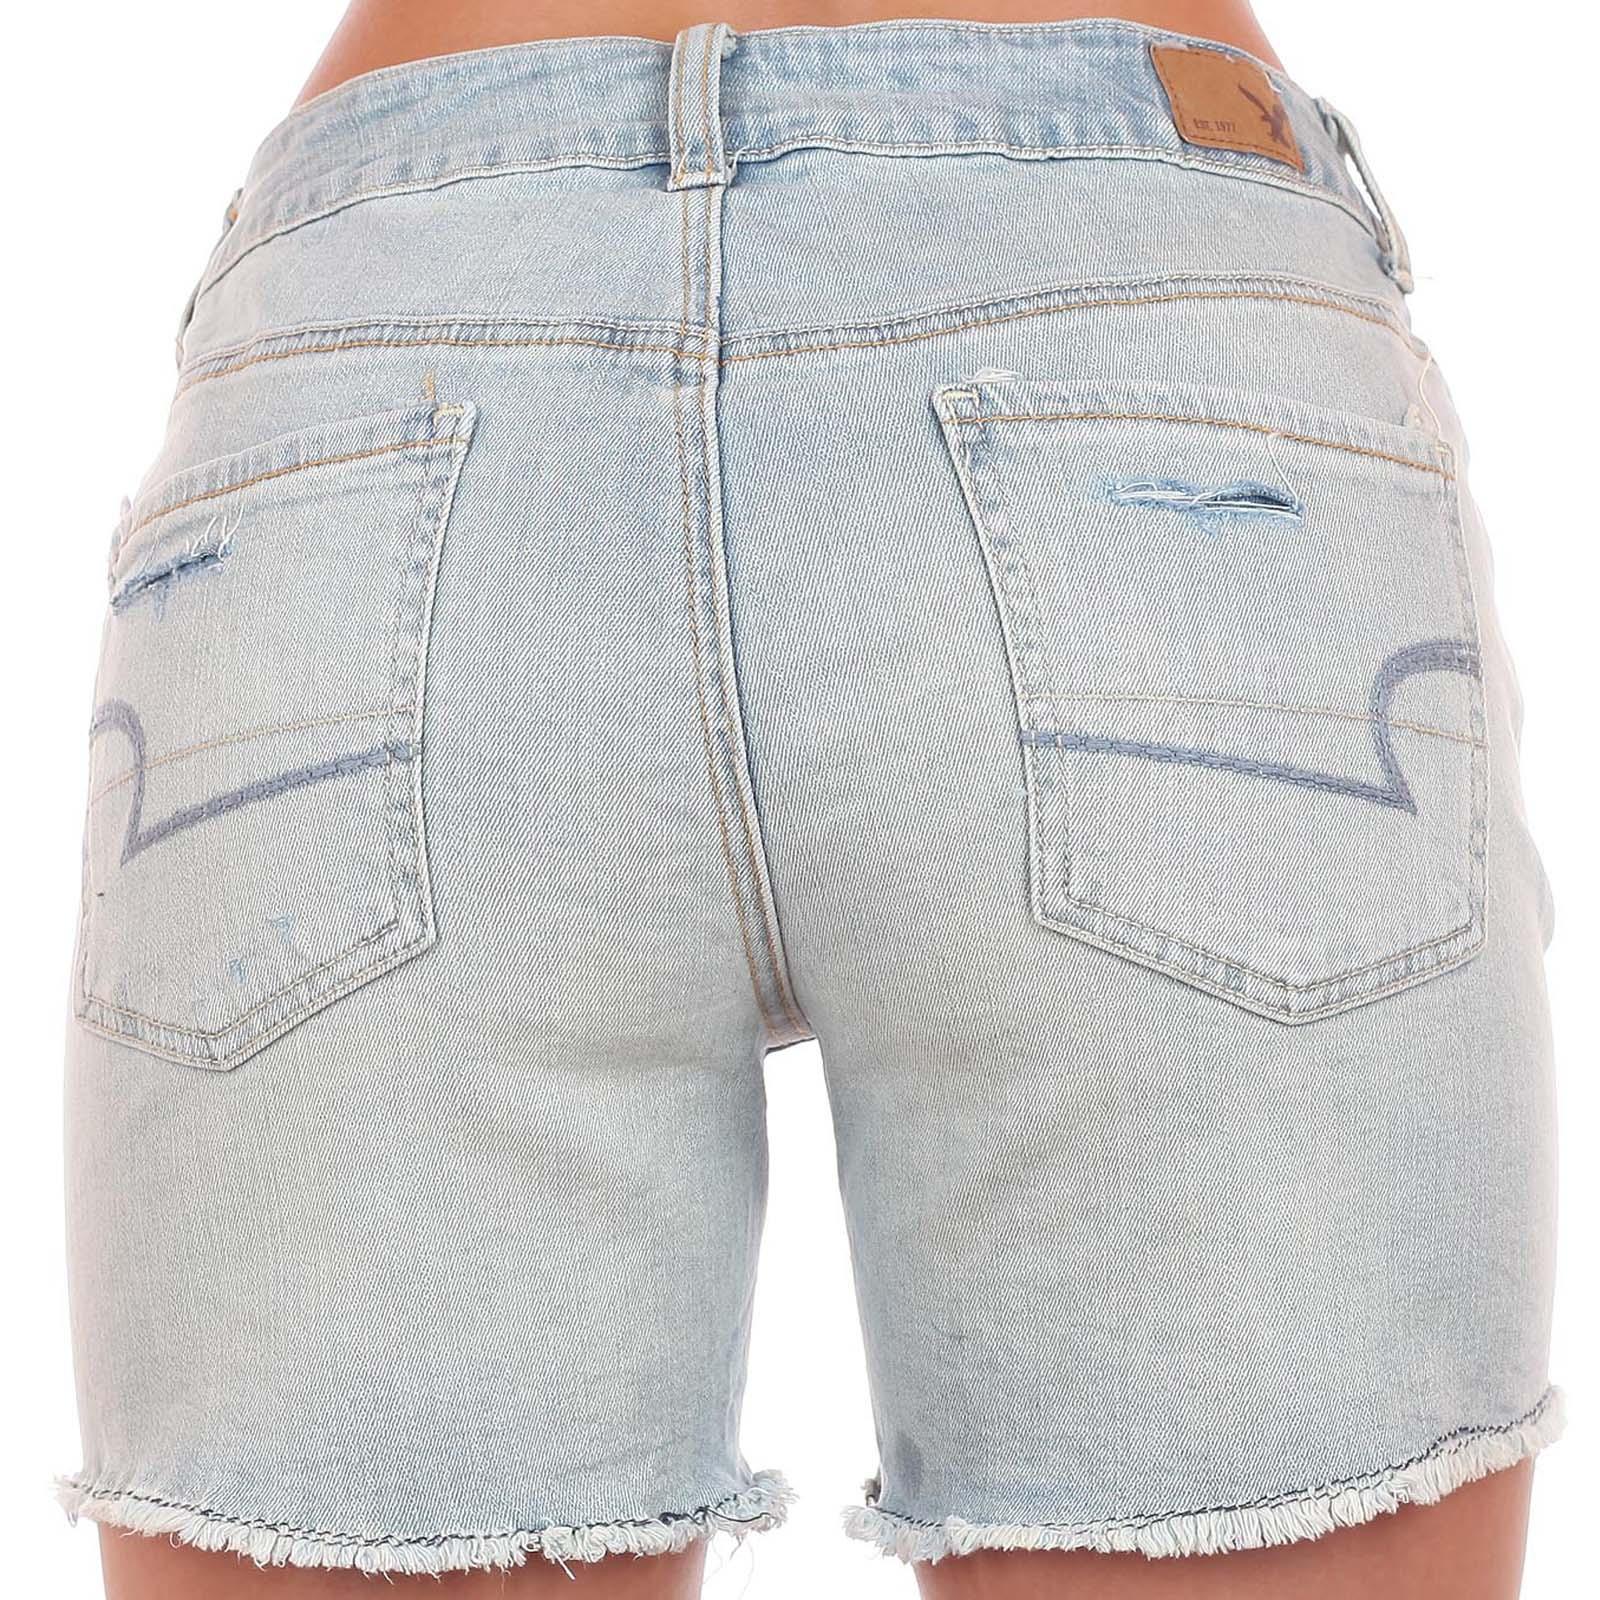 Заказать зачетные секси-шортики от American Eagle® для роковой красотки. ОСТОРОЖНО! Вызывают повышенное внимание мужчин!